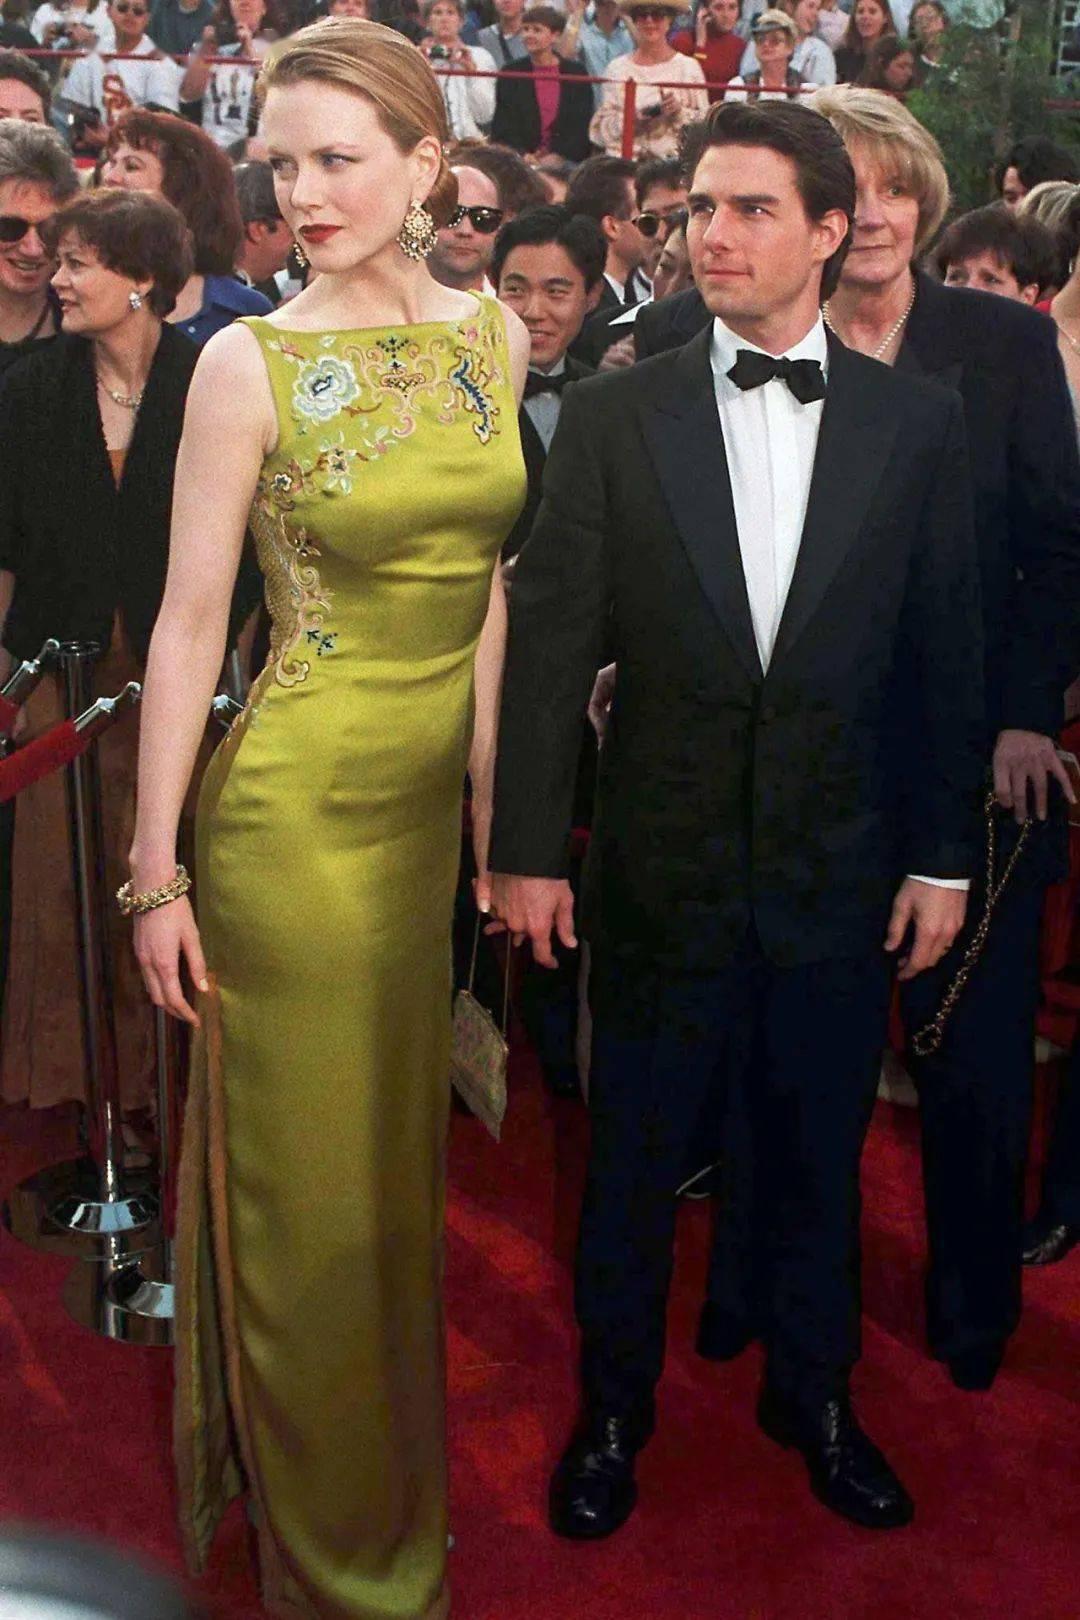 53岁好莱坞最美女星被宠成少女:只要余生有你,不被看好又如何?